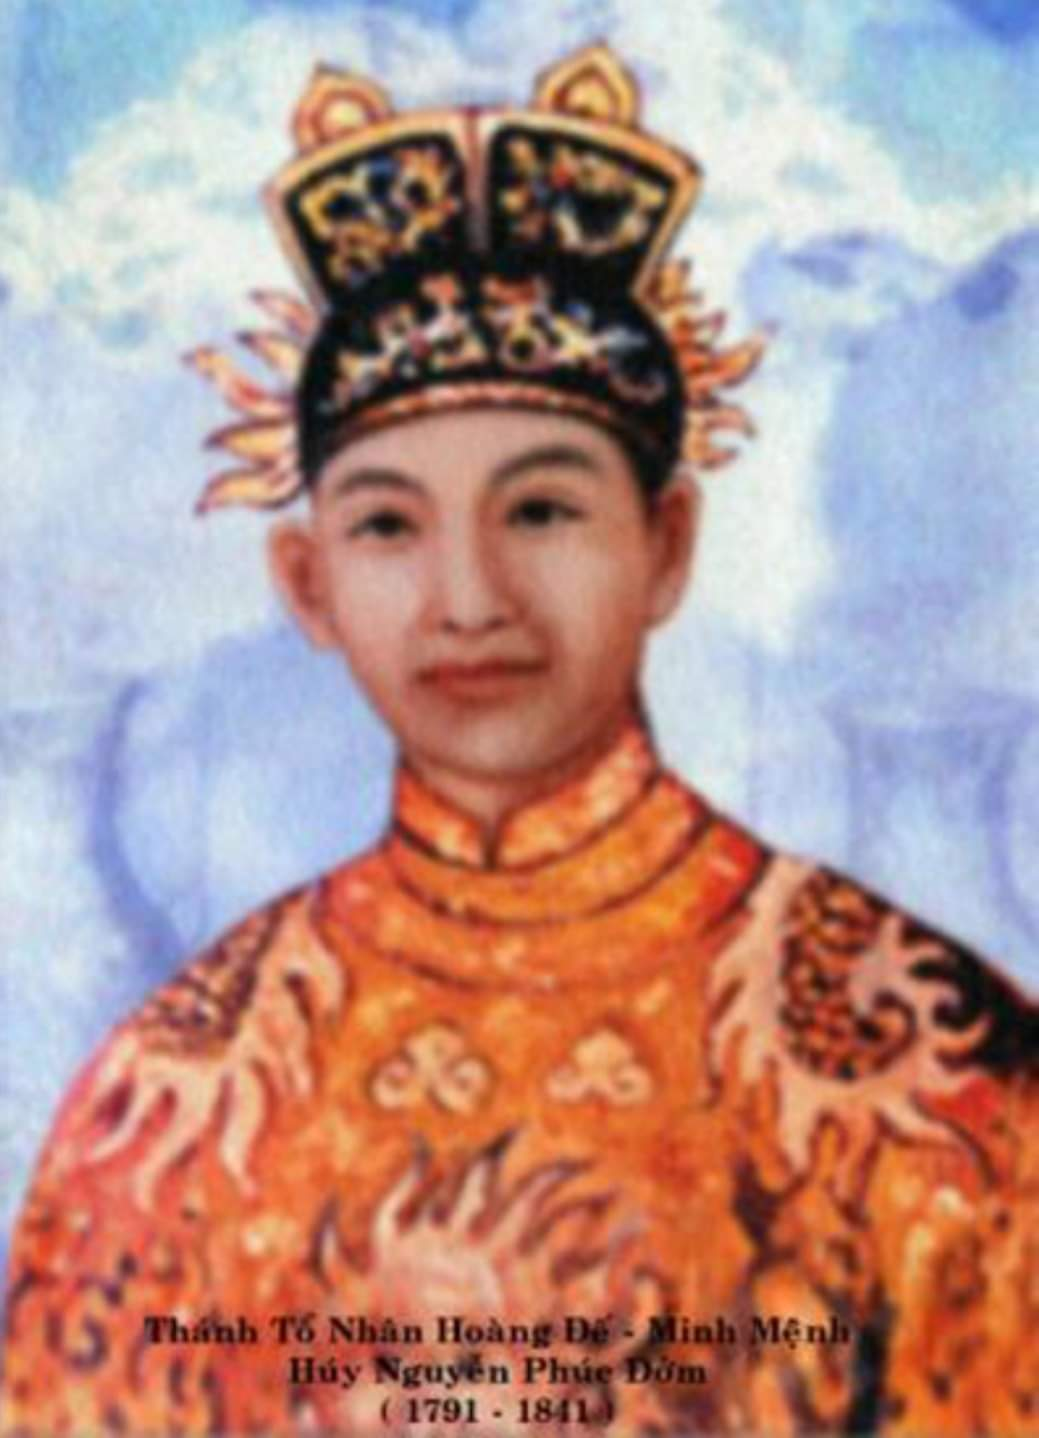 Bài Học Về Ứng Phó Trước Thiên Tai Dịch Bệnh Của Vua Minh Mạng